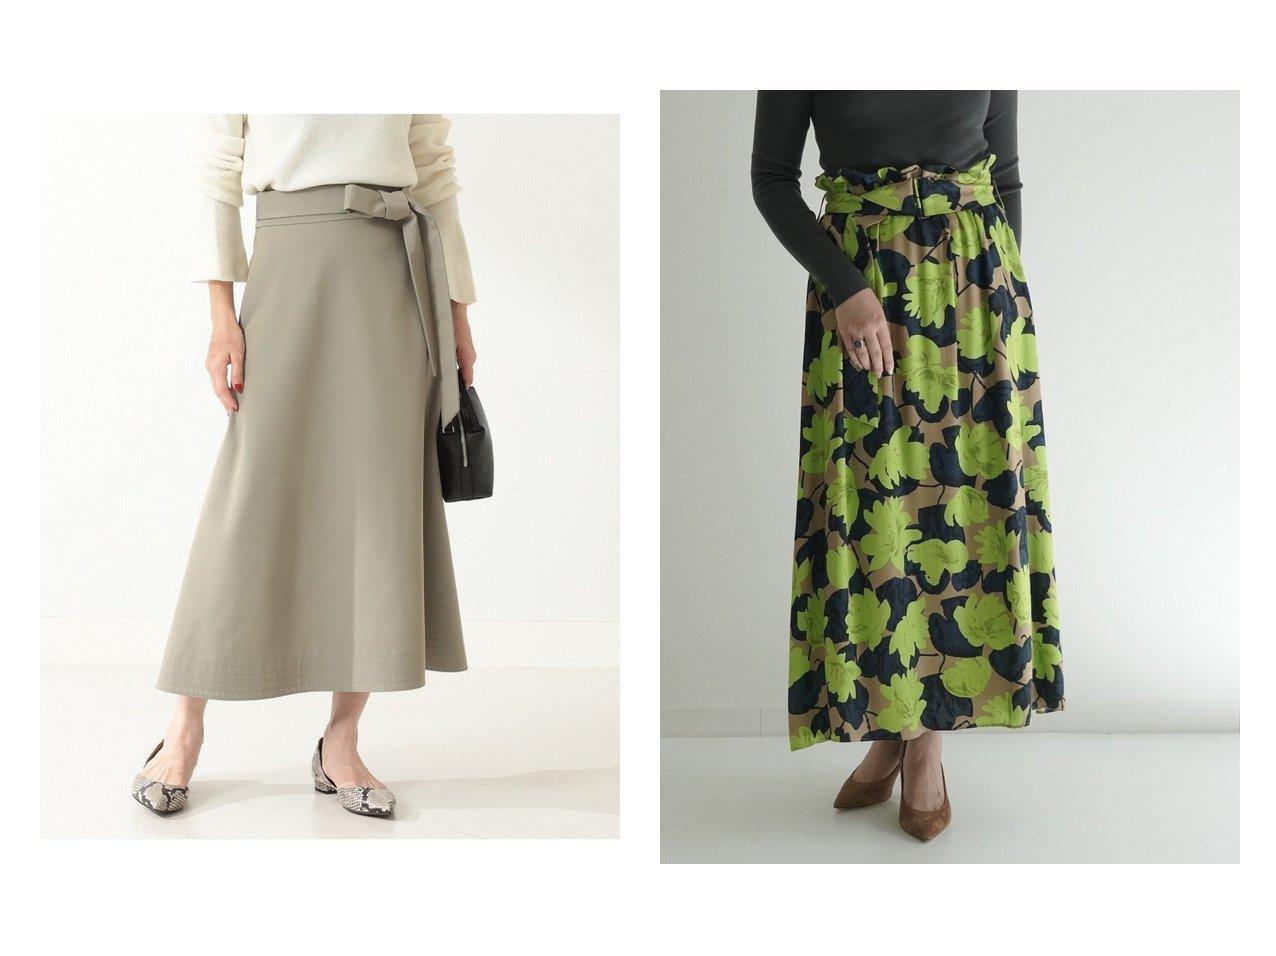 【TOMORROWLAND BALLSEY/トゥモローランド ボールジー】のロータスフラワープリント ベルテッドフレアスカート&【Demi-Luxe BEAMS/デミルクス ビームス】のDemi- ウール フレアスカート スカートのおすすめ!人気、トレンド・レディースファッションの通販 おすすめで人気の流行・トレンド、ファッションの通販商品 メンズファッション・キッズファッション・インテリア・家具・レディースファッション・服の通販 founy(ファニー) https://founy.com/ ファッション Fashion レディースファッション WOMEN スカート Skirt Aライン/フレアスカート Flared A-Line Skirts ロングスカート Long Skirt 台形スカート Trapezoid Skirt シャンブレー シンプル フレア ロング 2020年 2020 2020-2021 秋冬 A/W AW Autumn/Winter / FW Fall-Winter 2020-2021 A/W 秋冬 AW Autumn/Winter / FW Fall-Winter なめらか エレガント ギャザー クラシカル タンブラー フェミニン モダン 台形 |ID:crp329100000013409